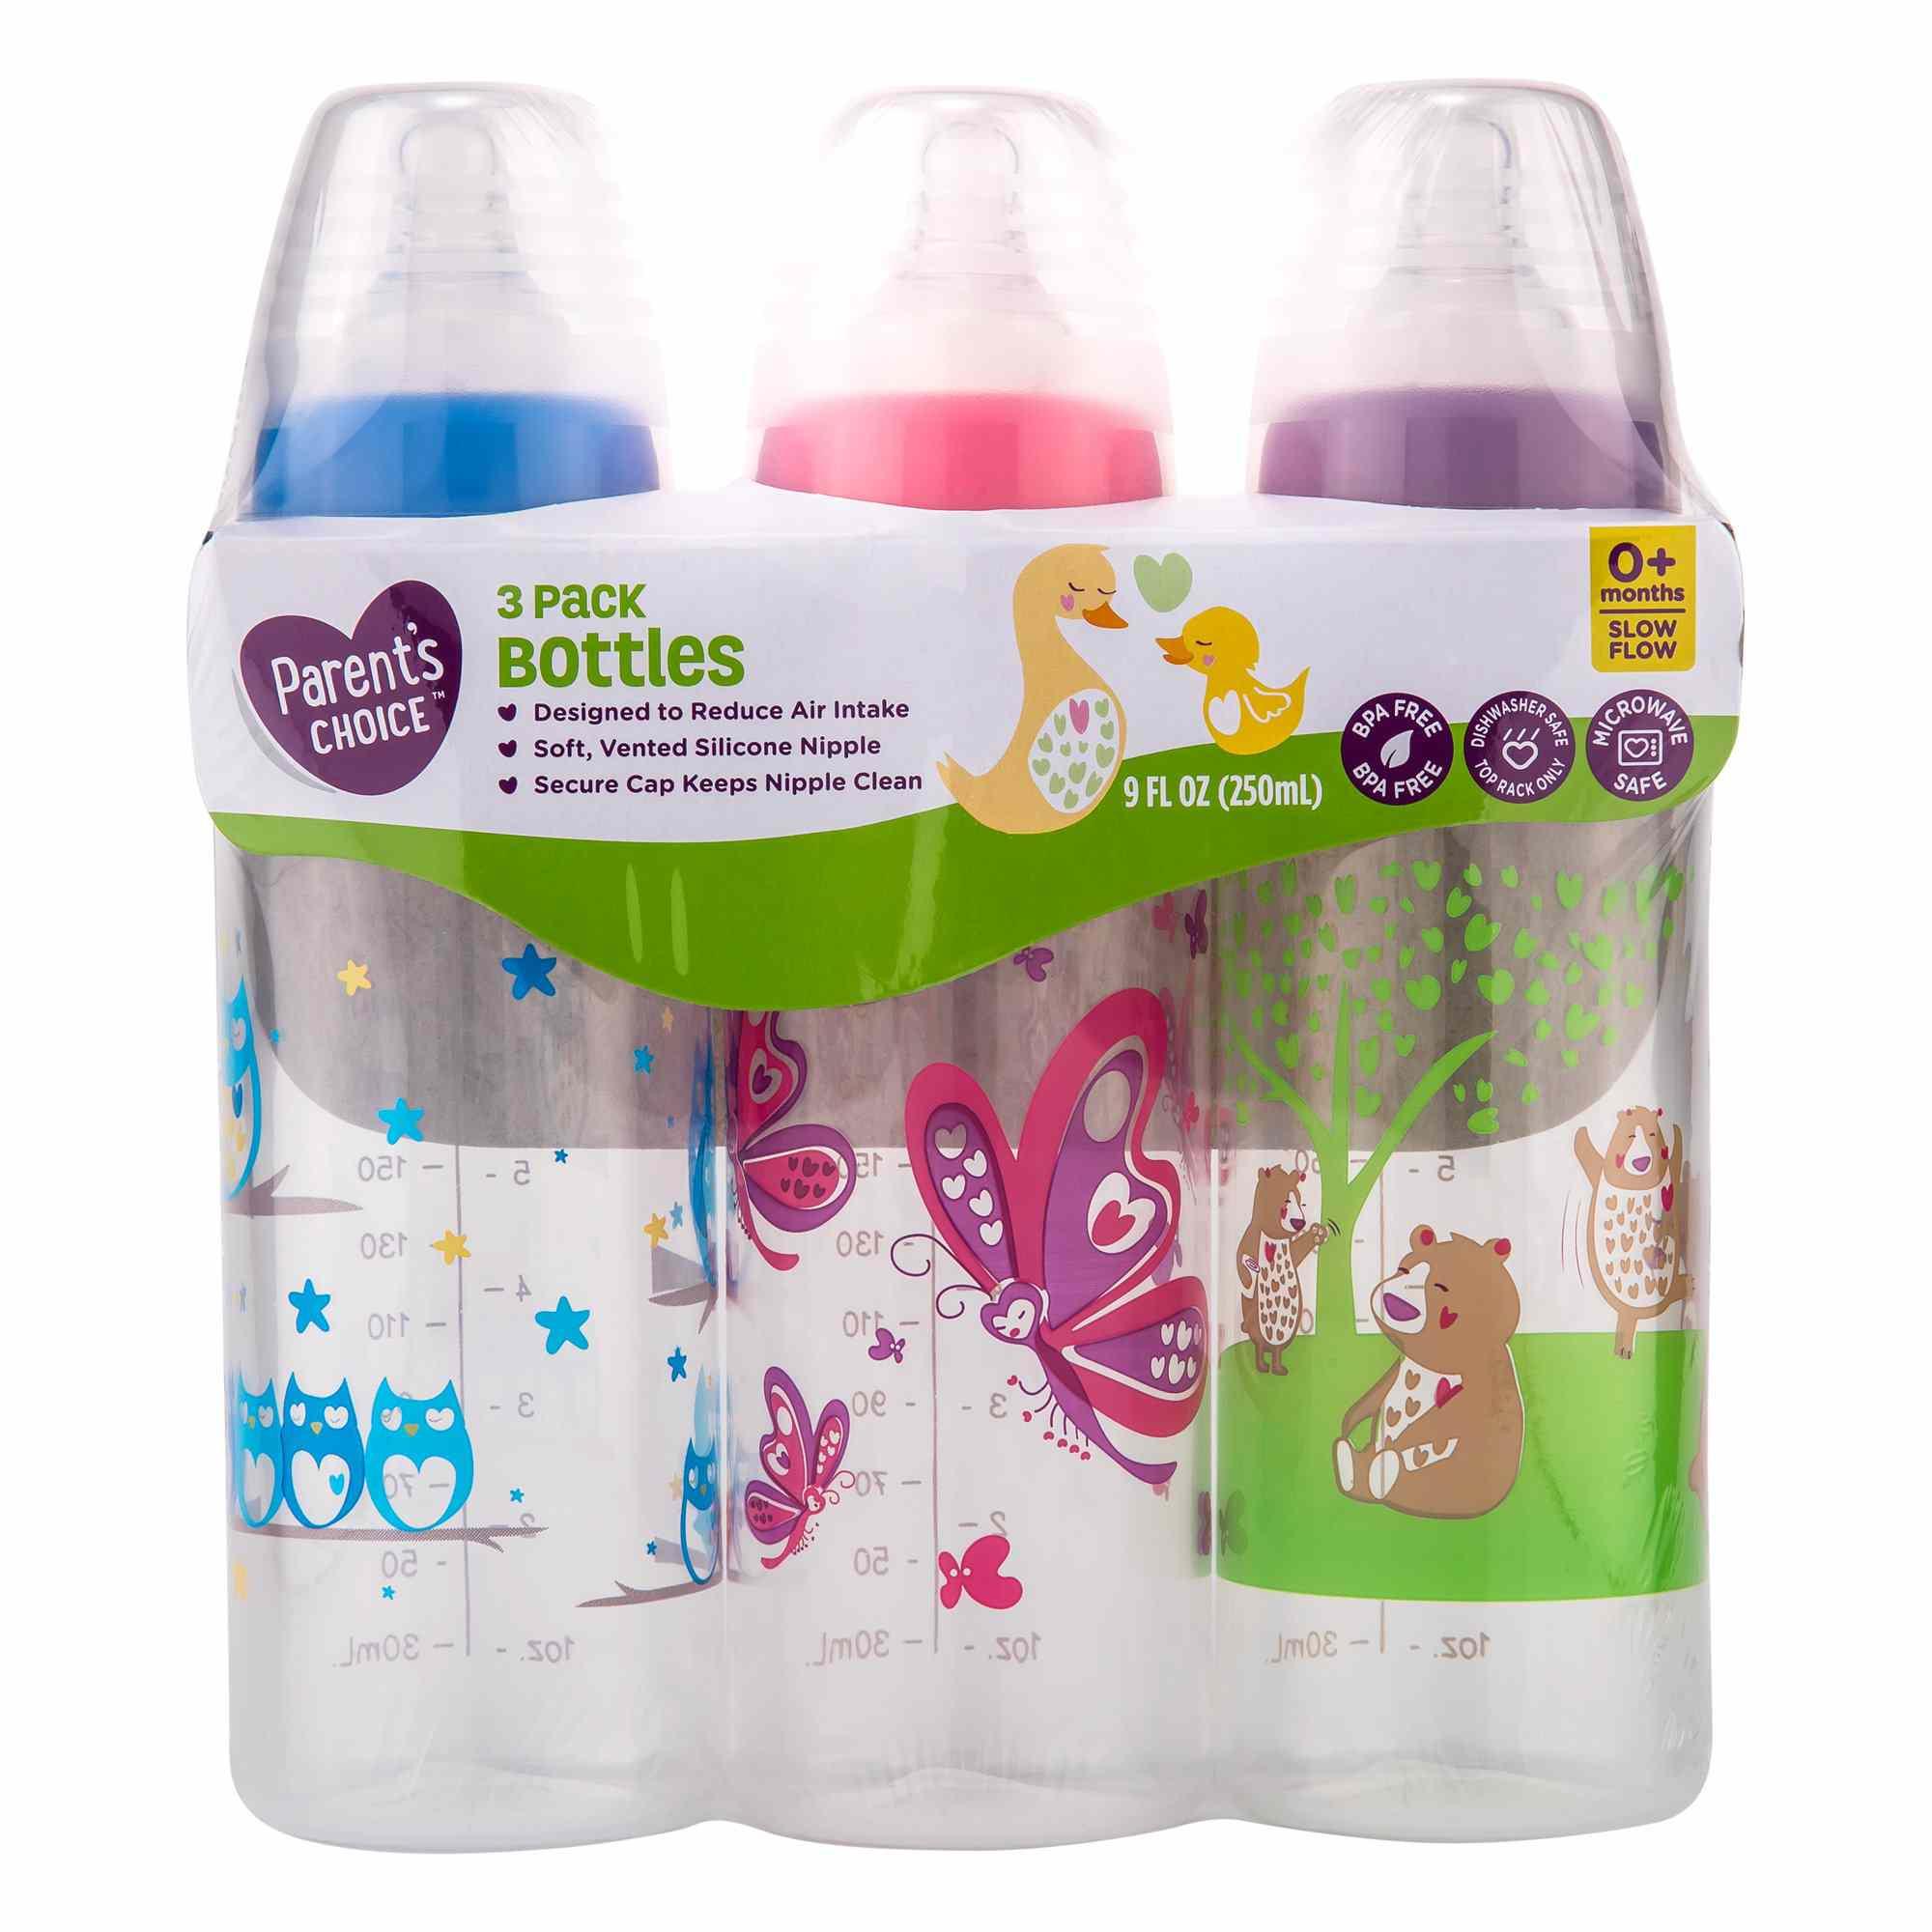 Parent's Choice Slow Flow Bottles